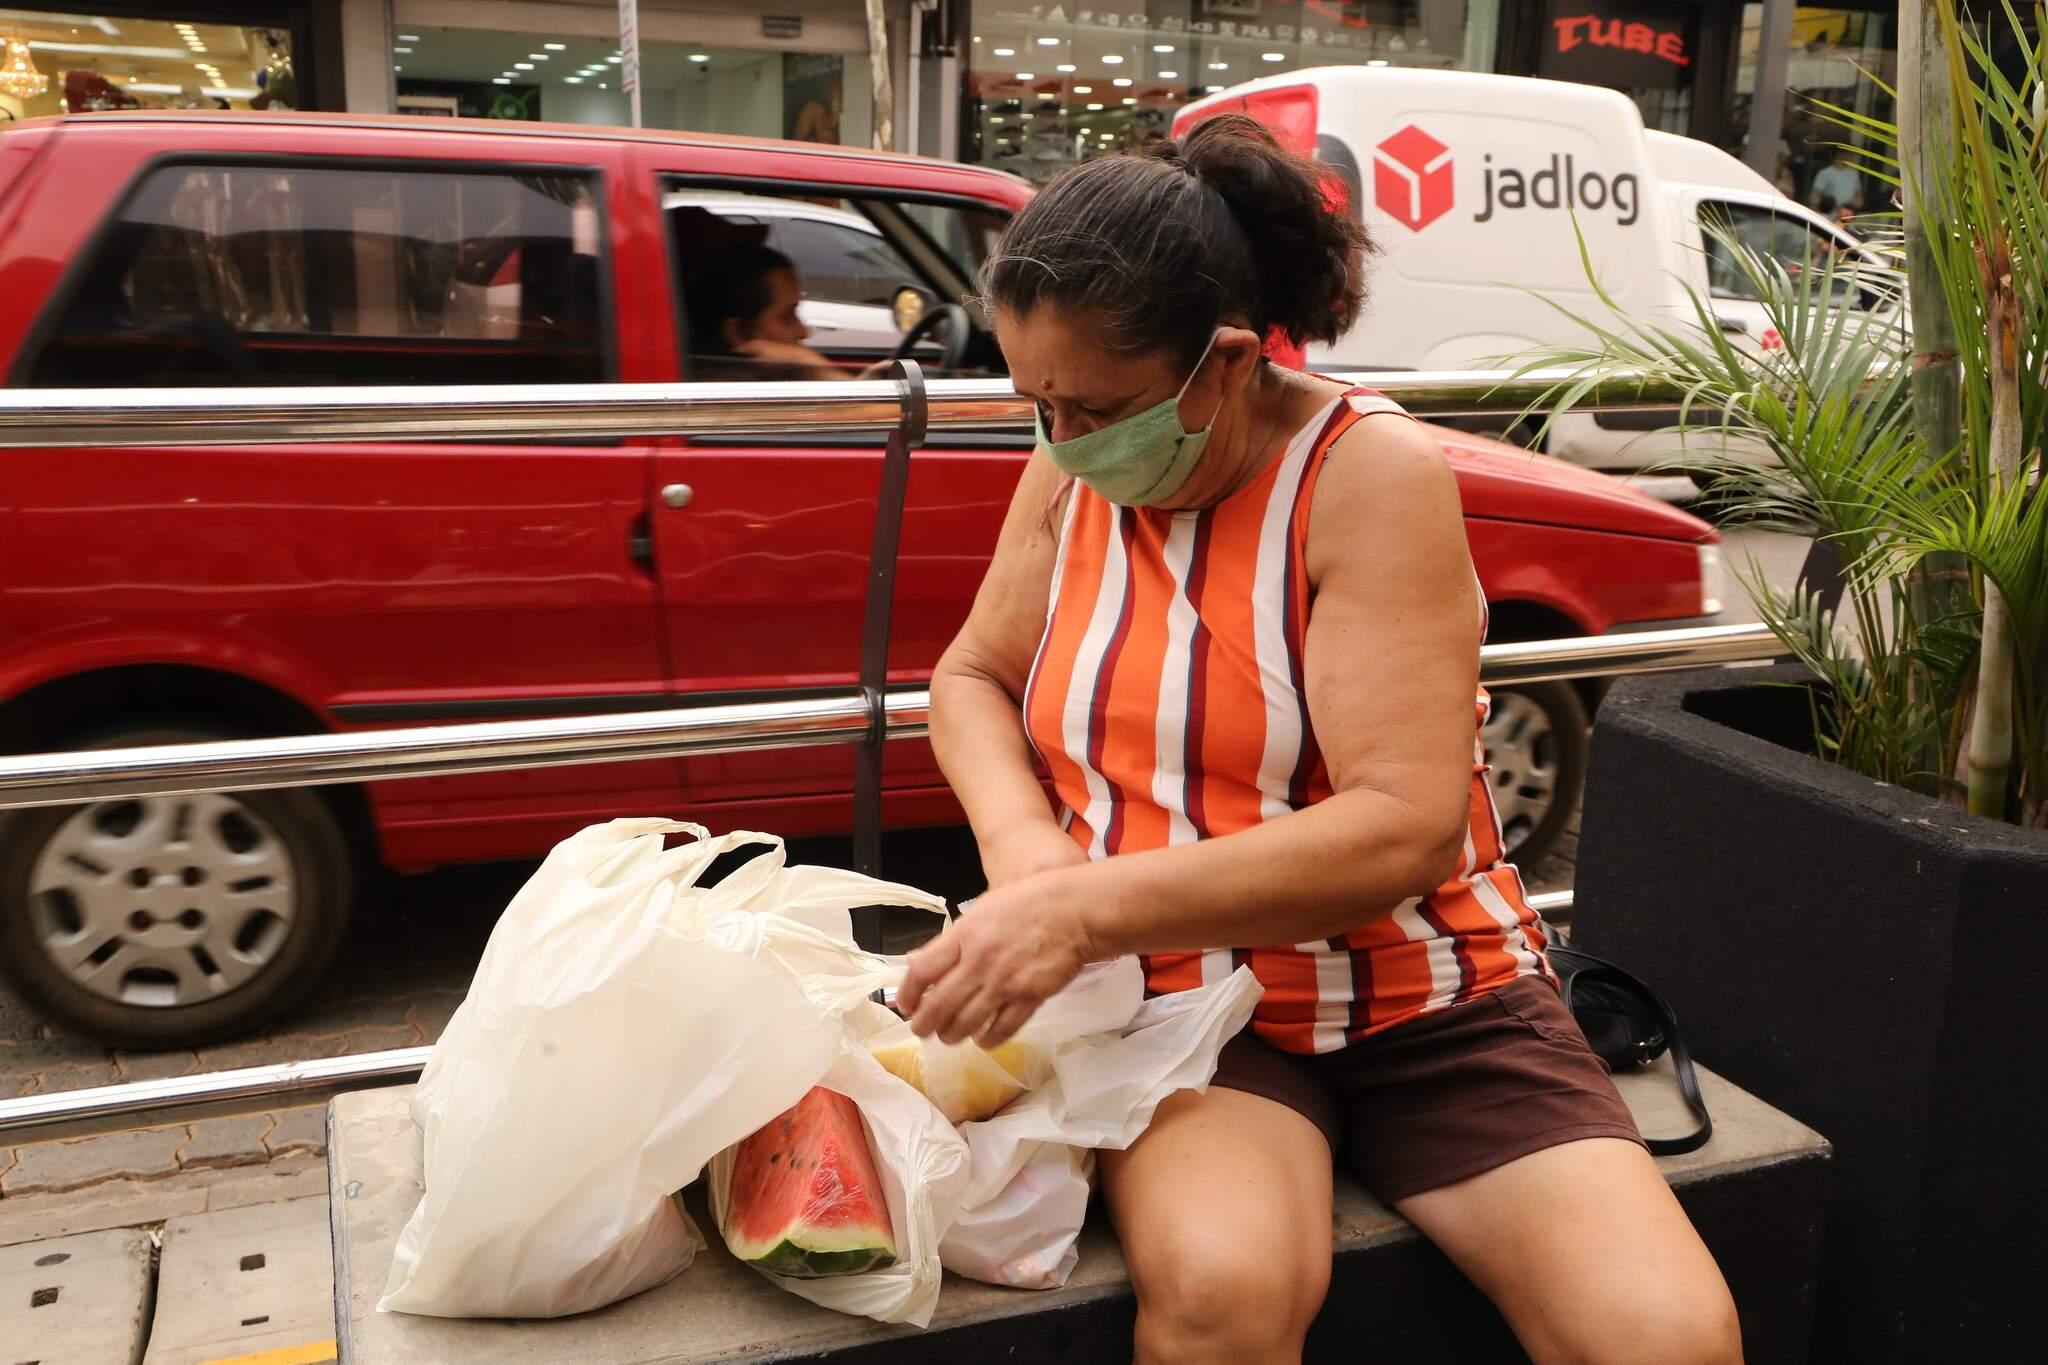 Rita Aparecida Guilhem decidiu mudar a alimentação para não ganhar peso. (Foto: Kísie Ainoã)